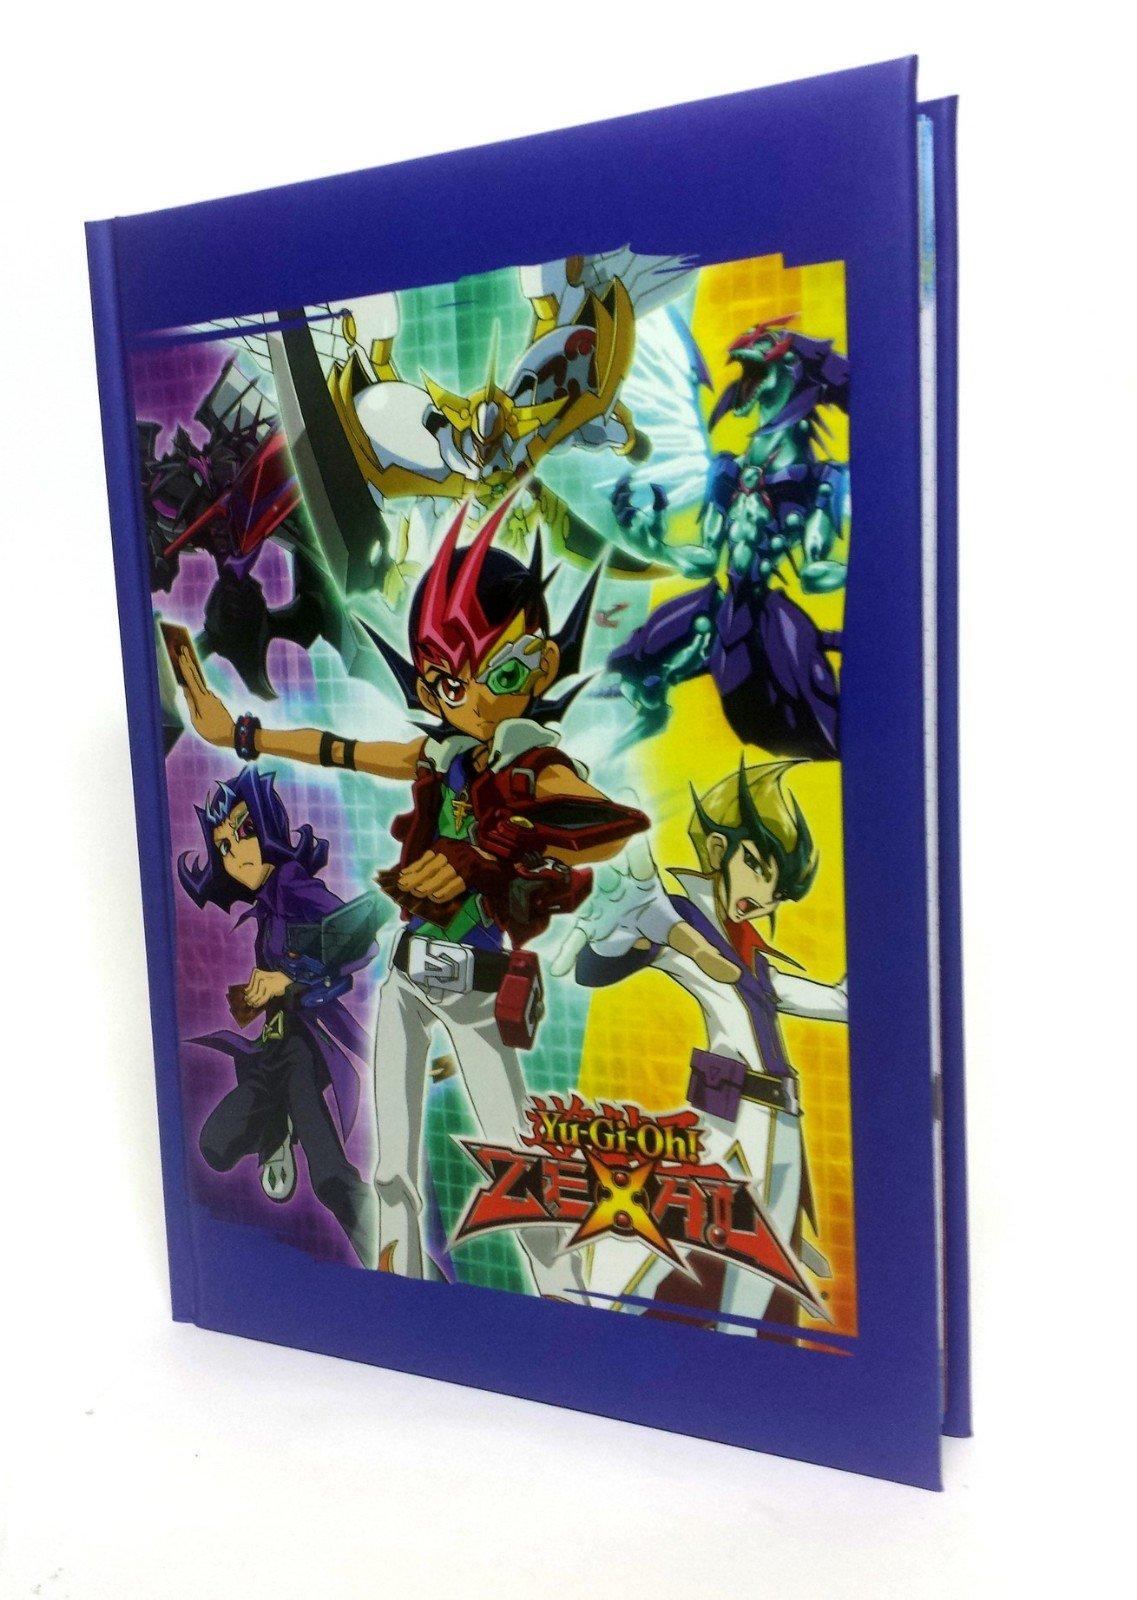 Diario Standard 10M Blu Yu Gi Oh